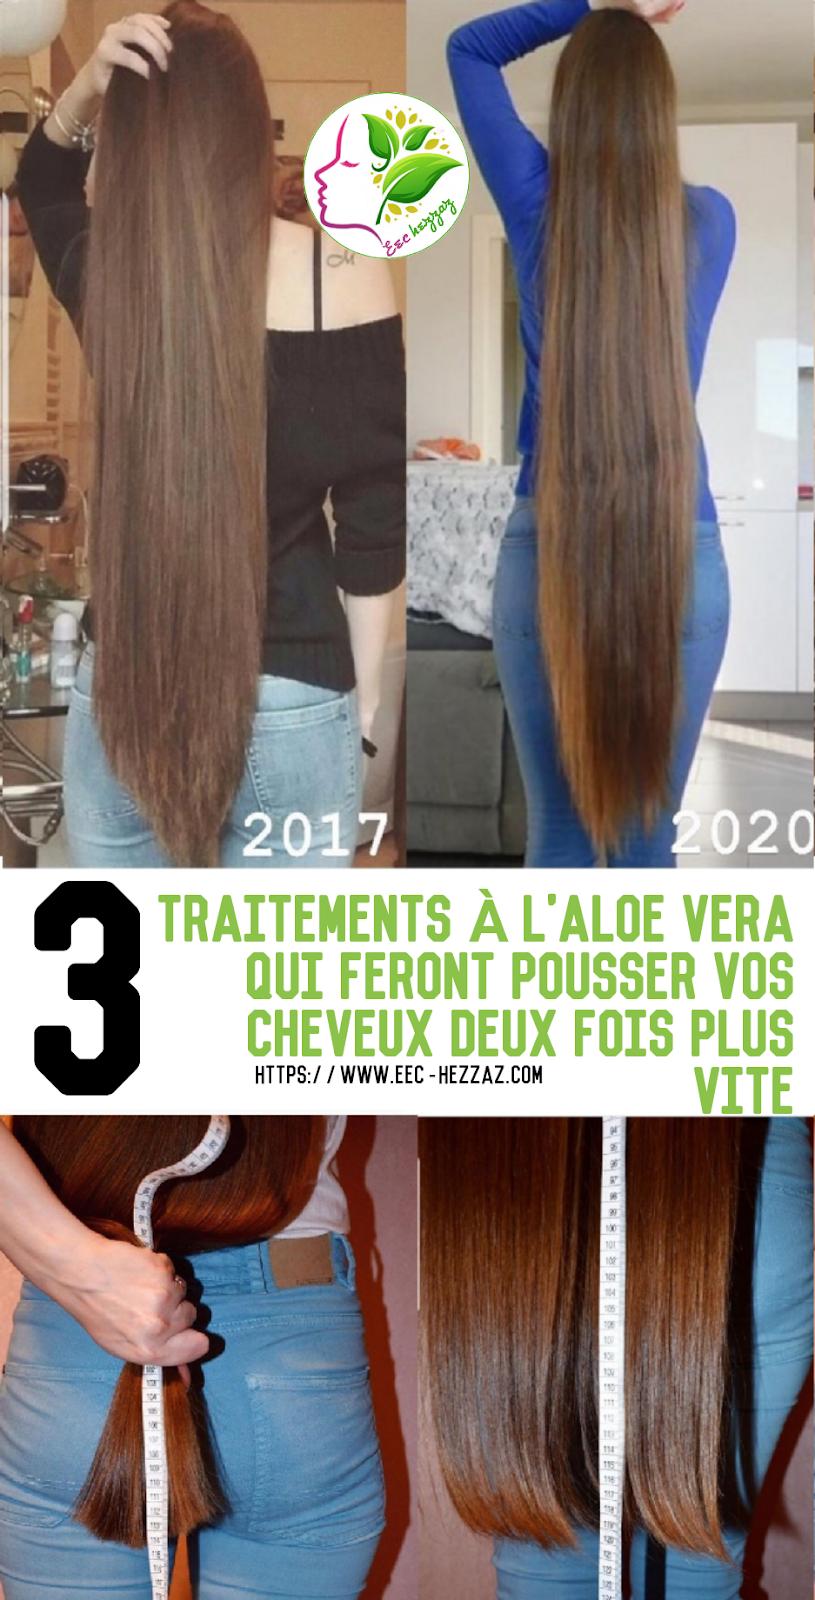 3 traitements à l'aloe vera qui feront pousser vos cheveux deux fois plus vite